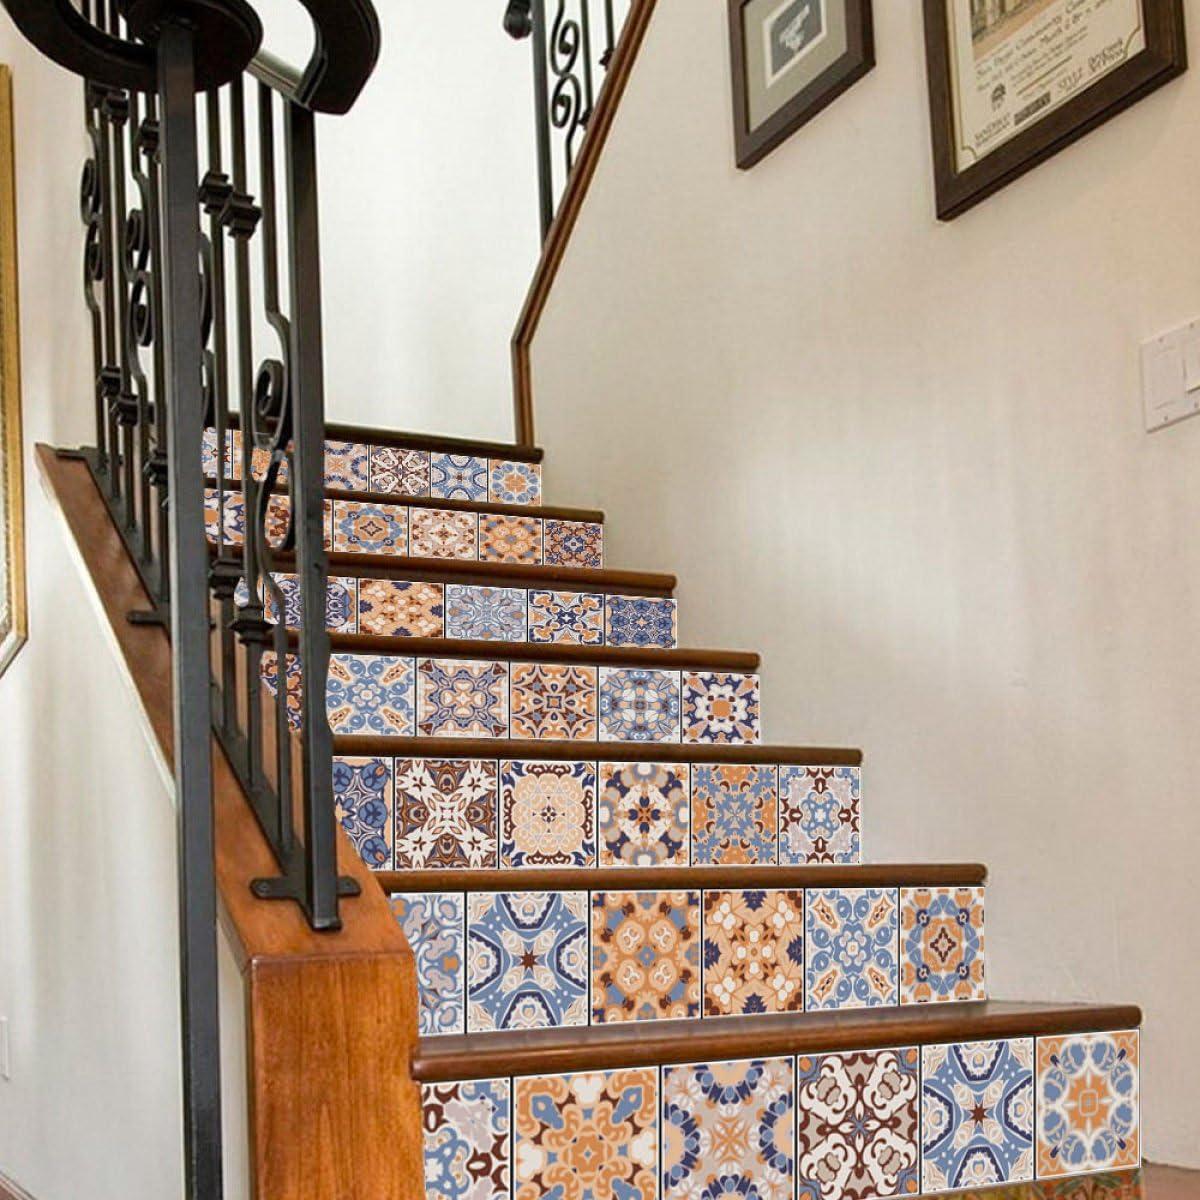 QTZS Etiqueta Engomada De La Escalera árabe Azulejo 3D Creativo Home Deco DIY Etiqueta De La Pared 6pcs: Amazon.es: Hogar